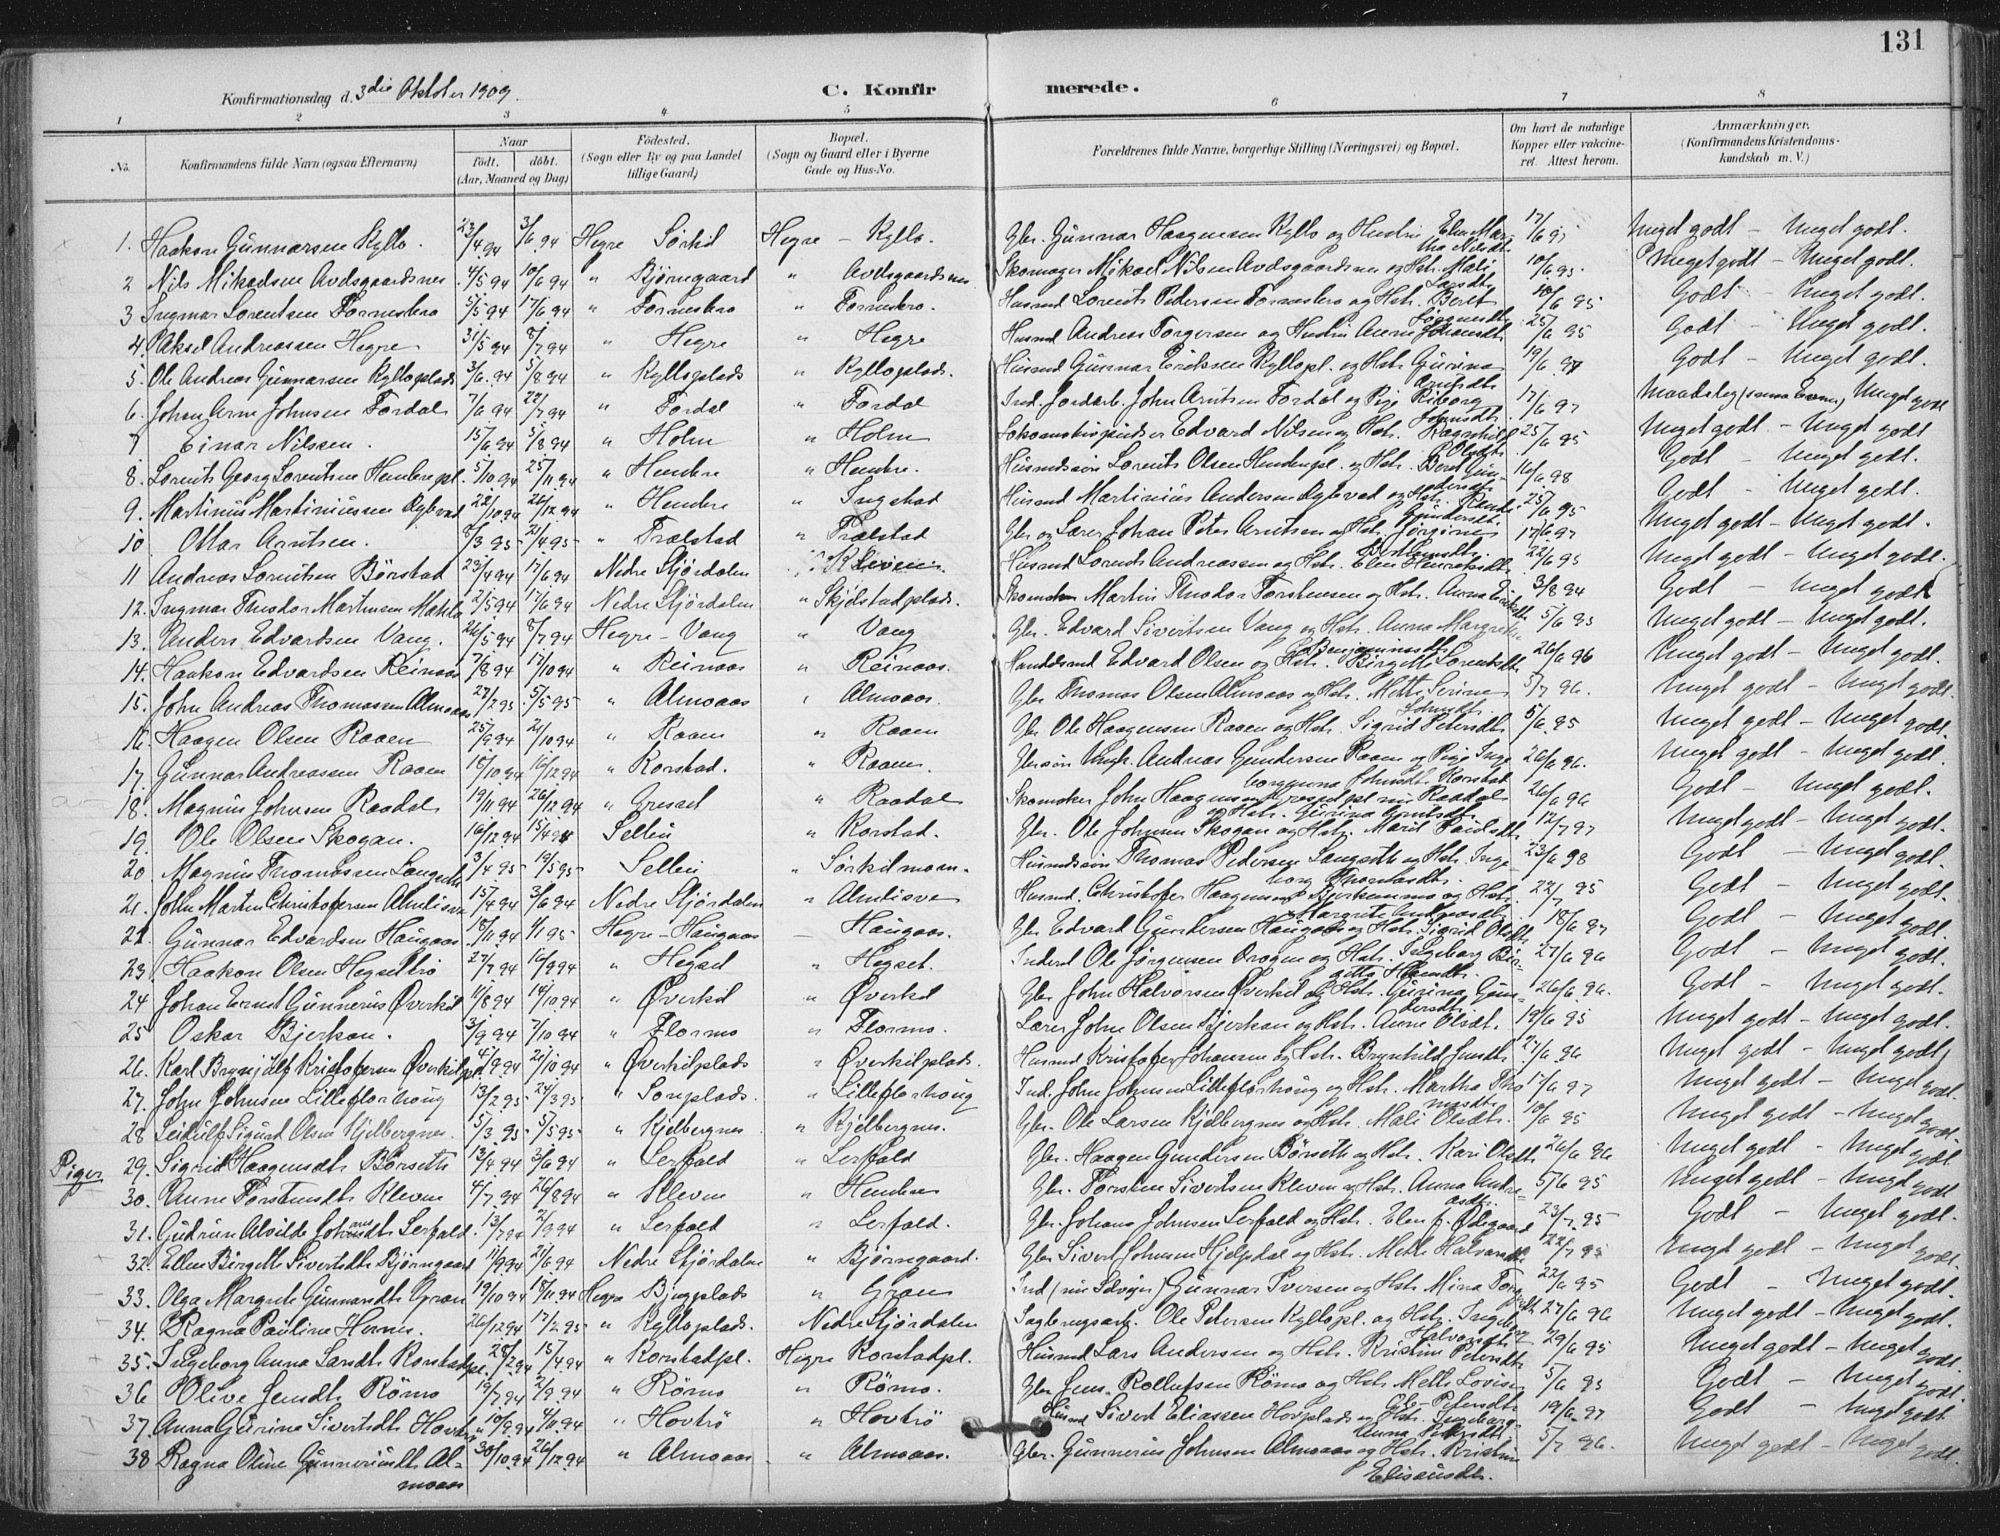 SAT, Ministerialprotokoller, klokkerbøker og fødselsregistre - Nord-Trøndelag, 703/L0031: Ministerialbok nr. 703A04, 1893-1914, s. 131